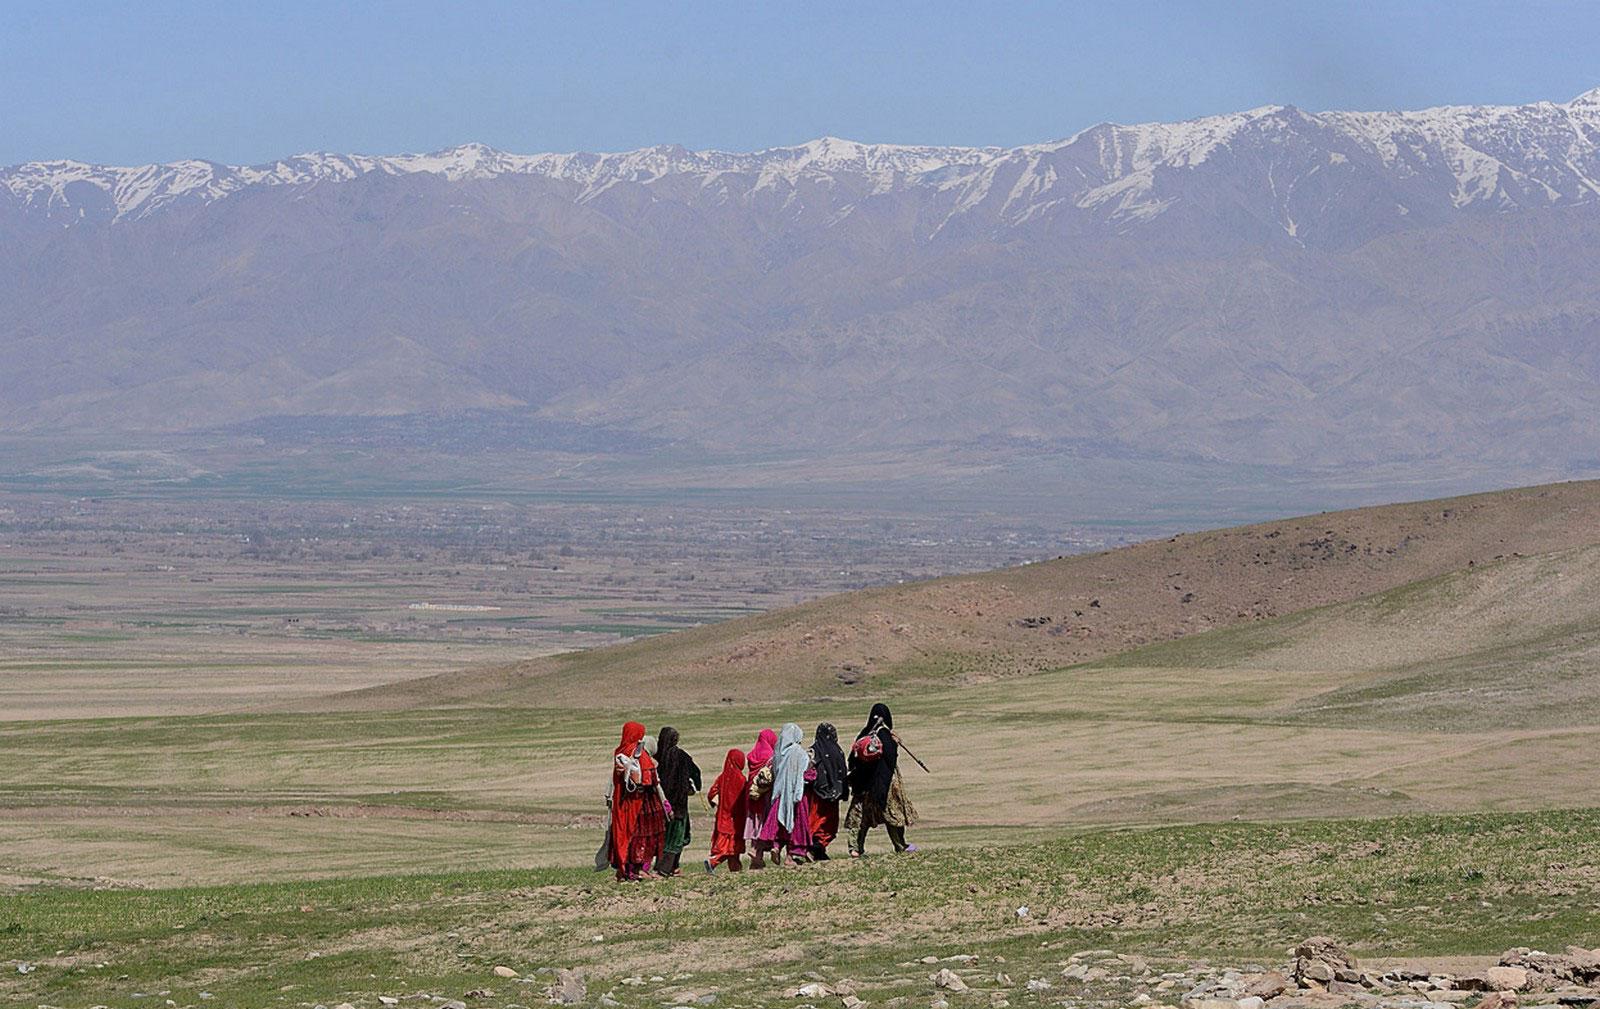 по дороге Кабул-Баграм